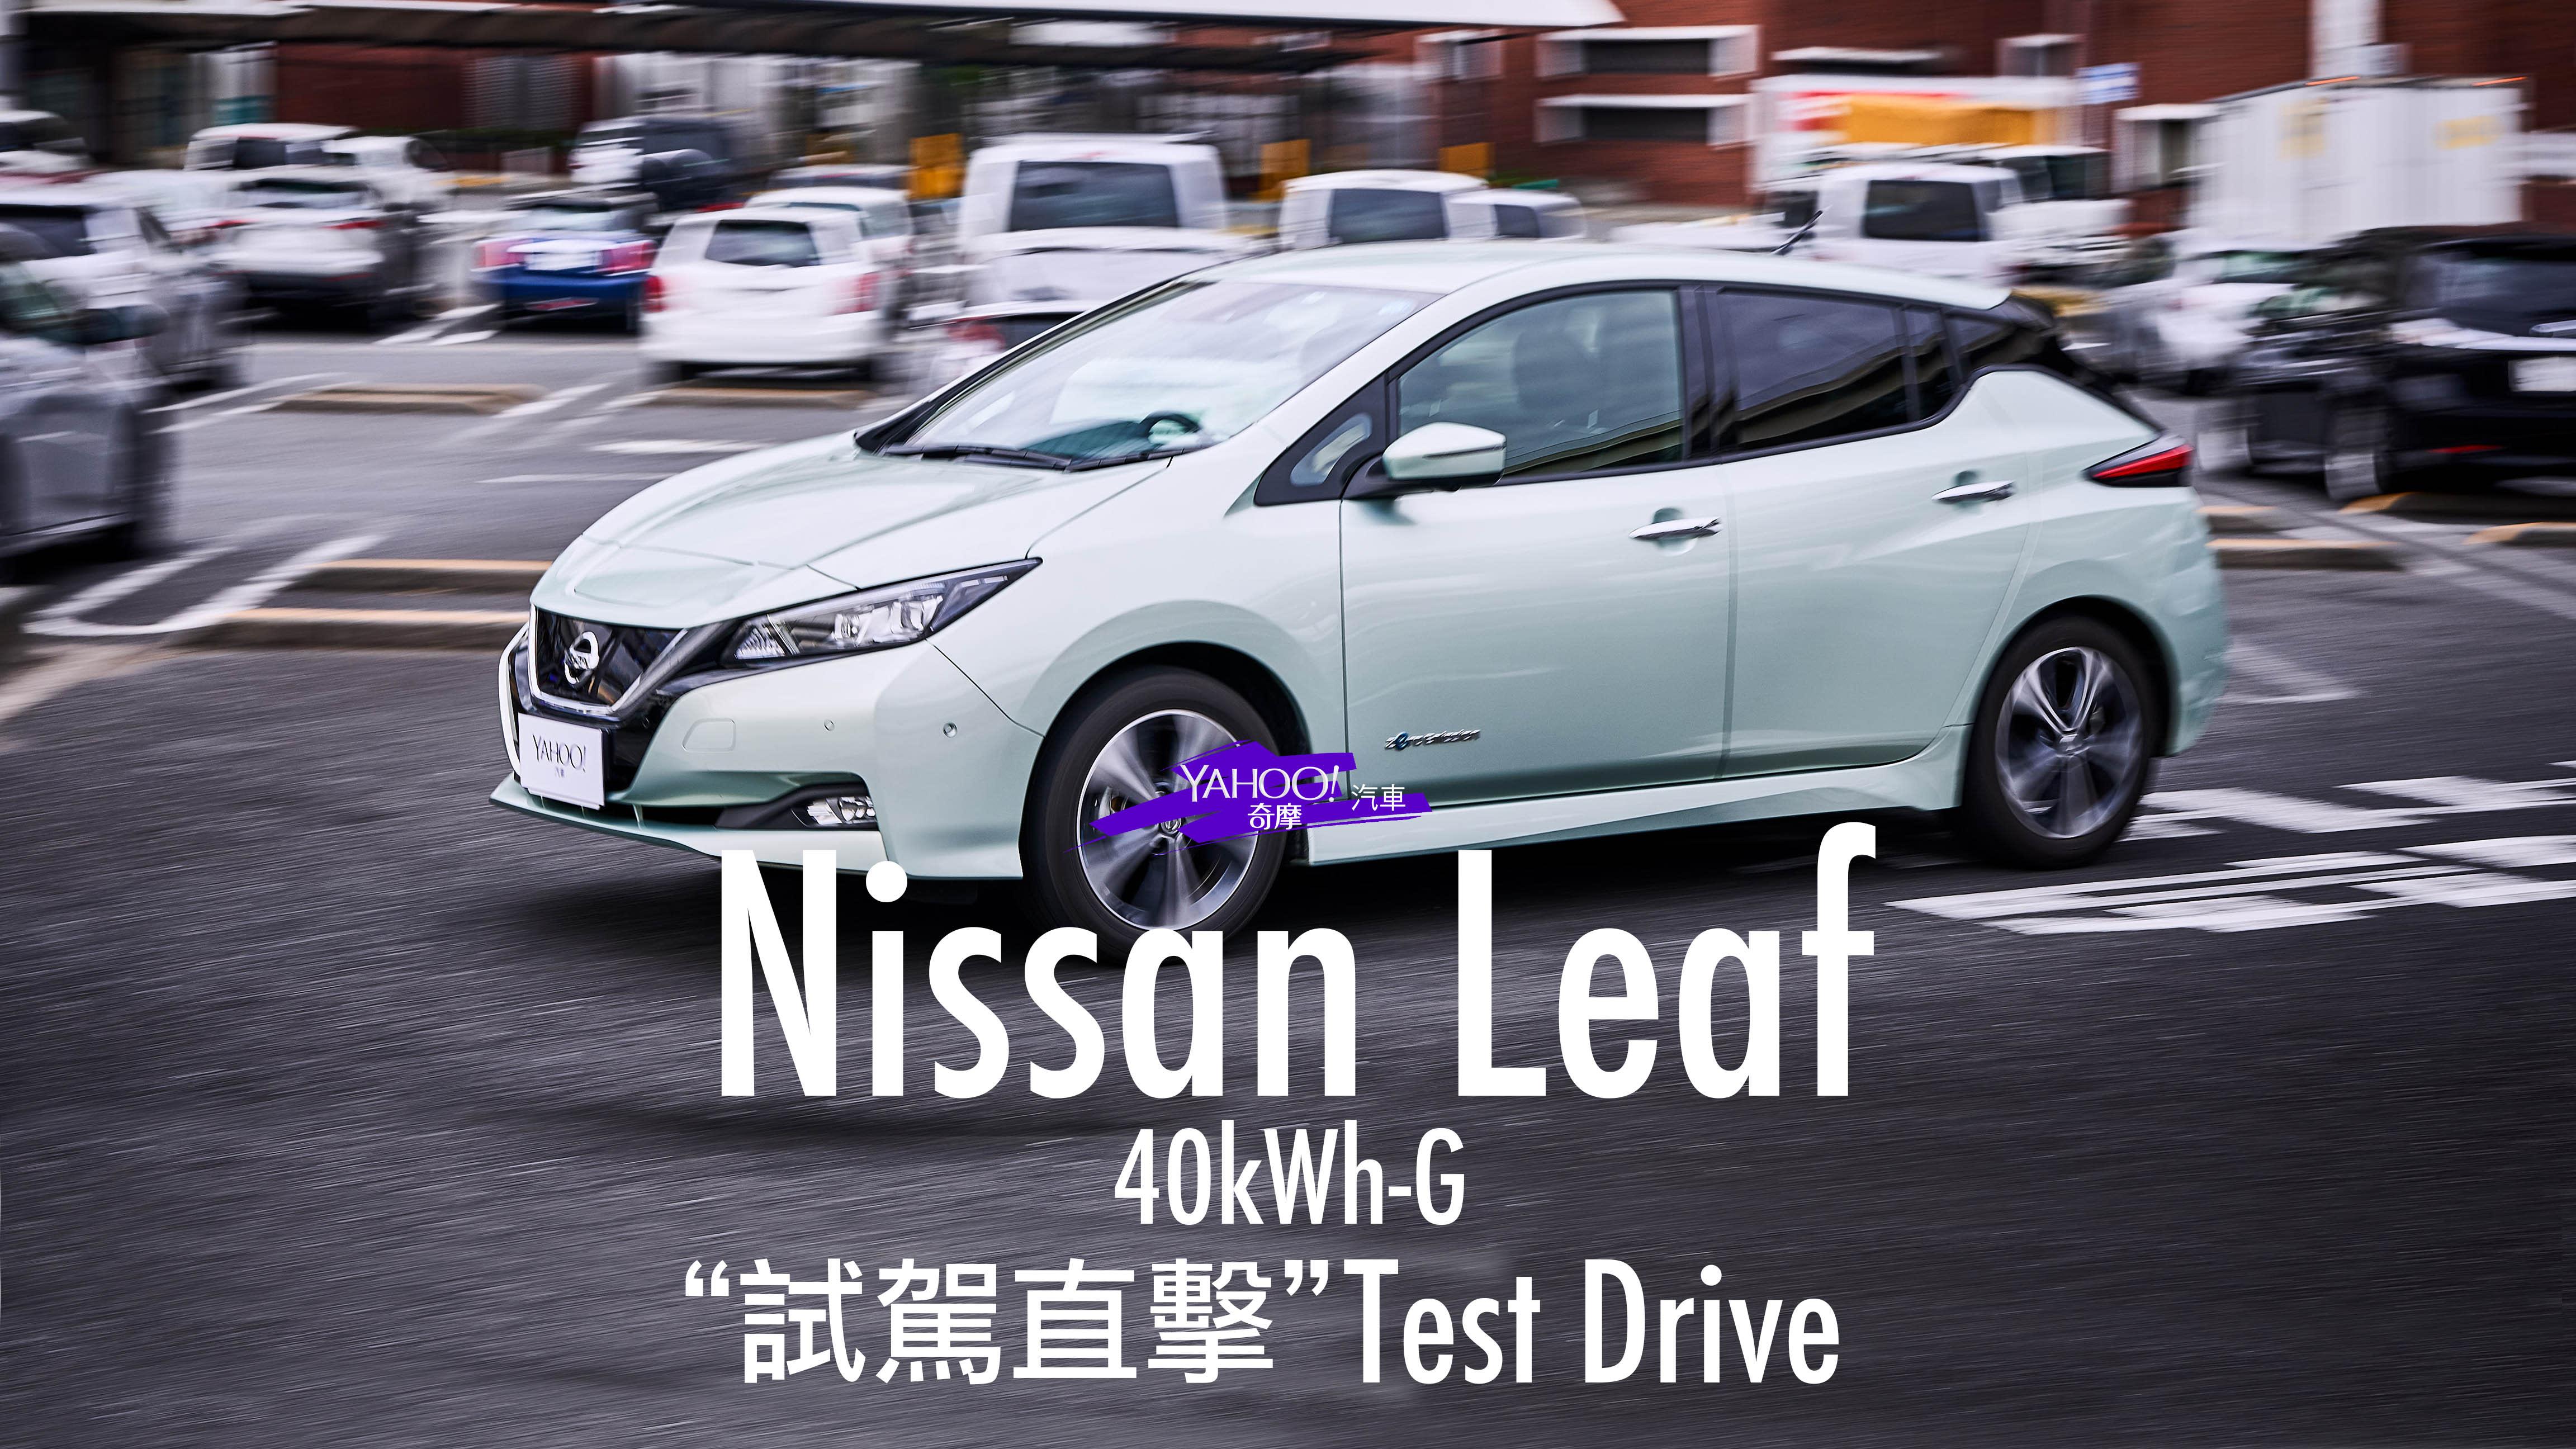 【試駕直擊】定義未來的電動化選擇!2019 Nissan Leaf 40kWh-G東京試駕